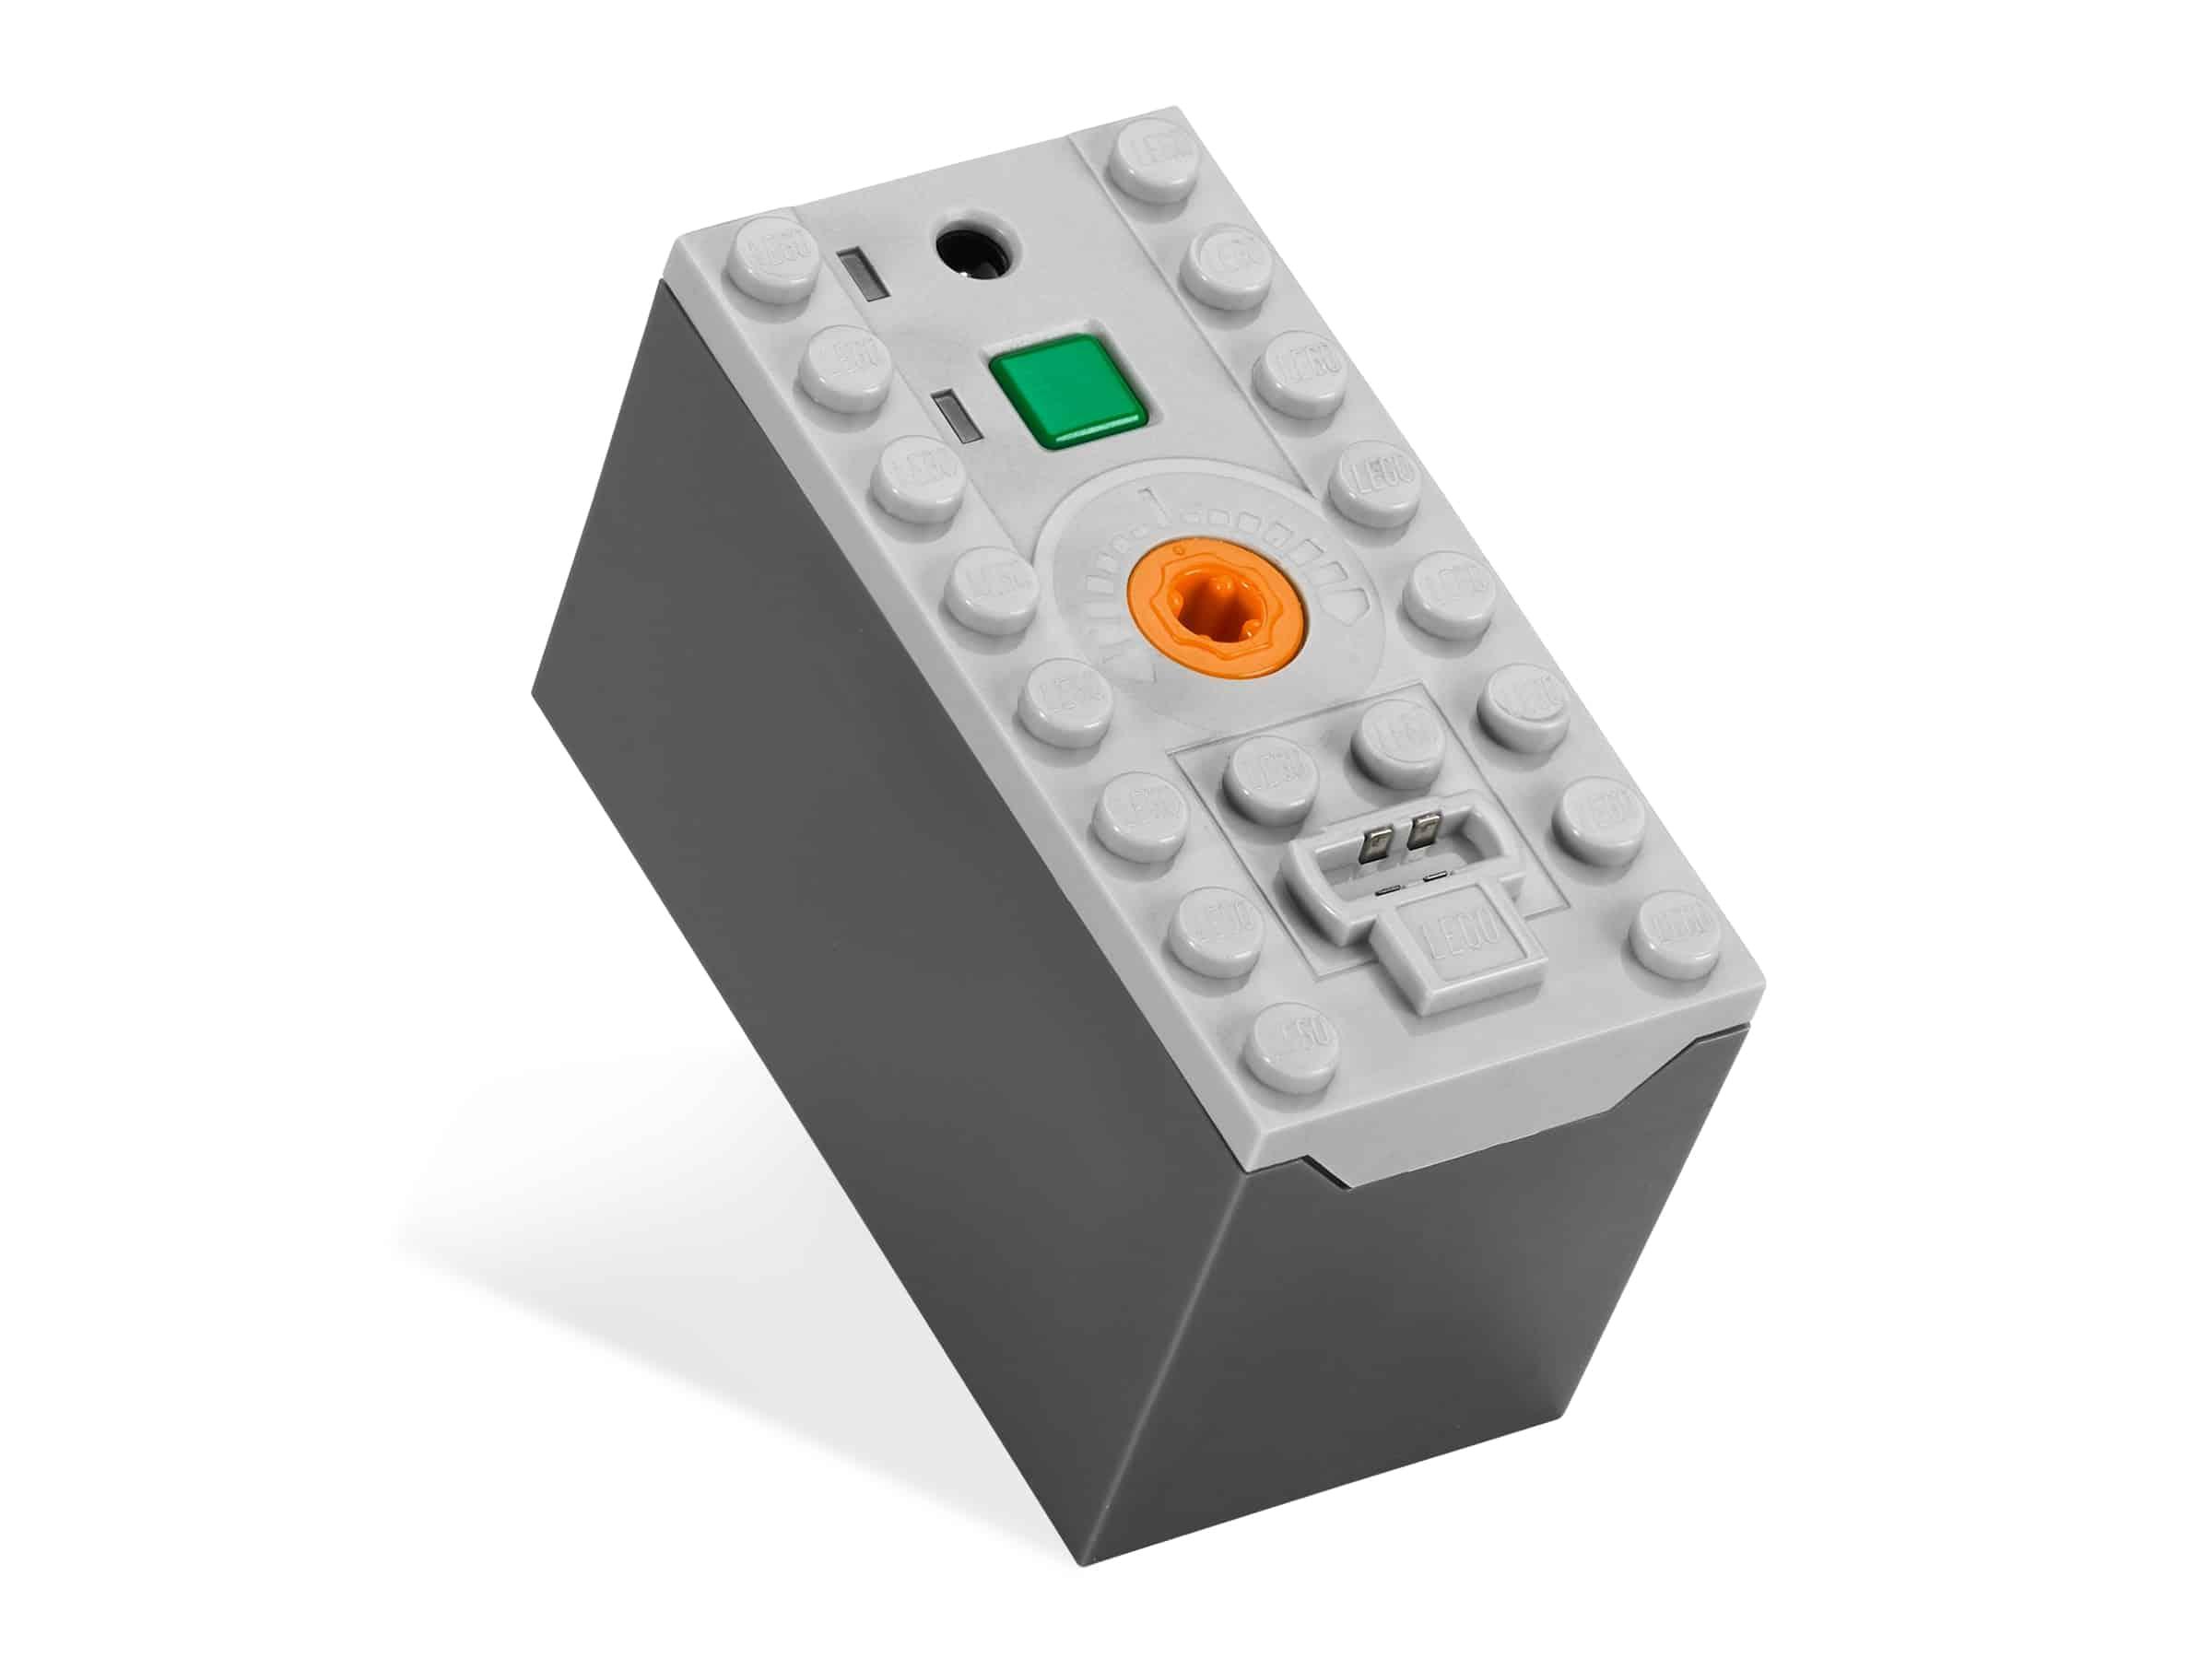 lego 8878 oppladbar batteriboks til power functions